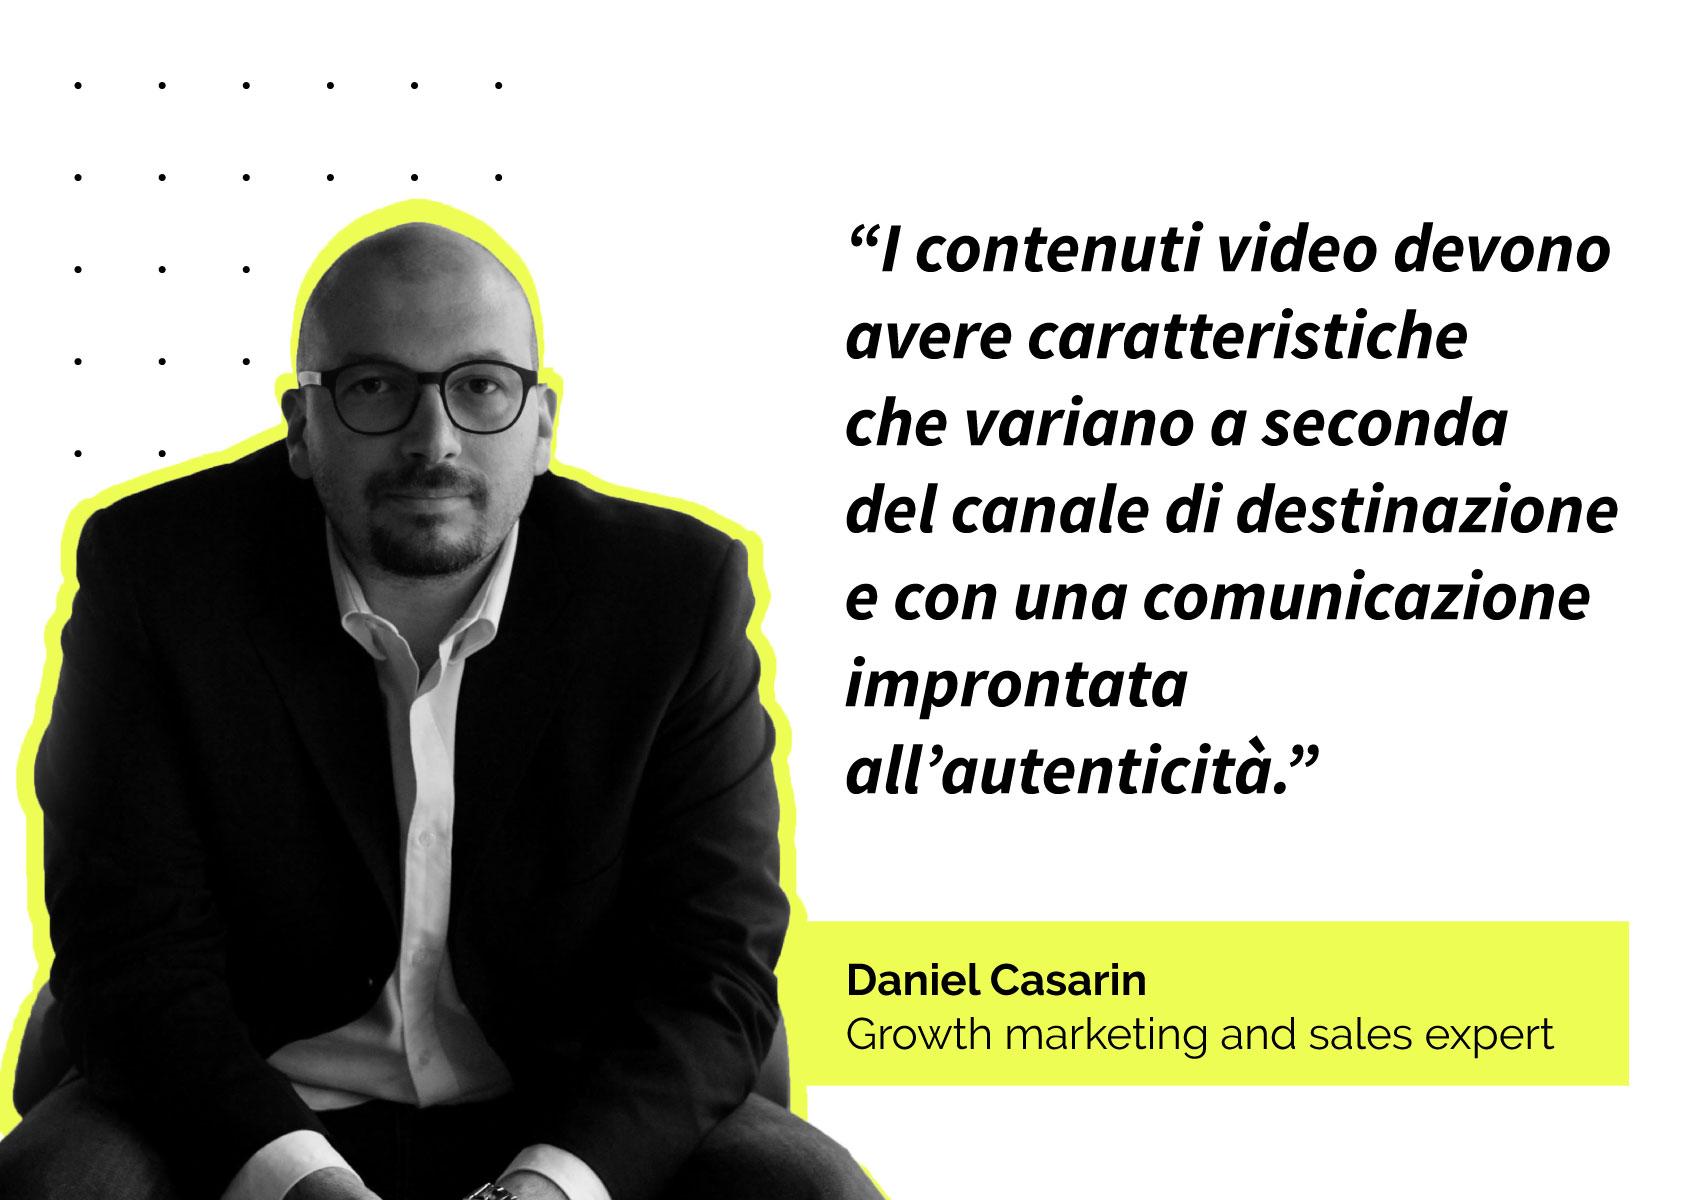 Video marketing nella nuova era digitale del post COVID-19